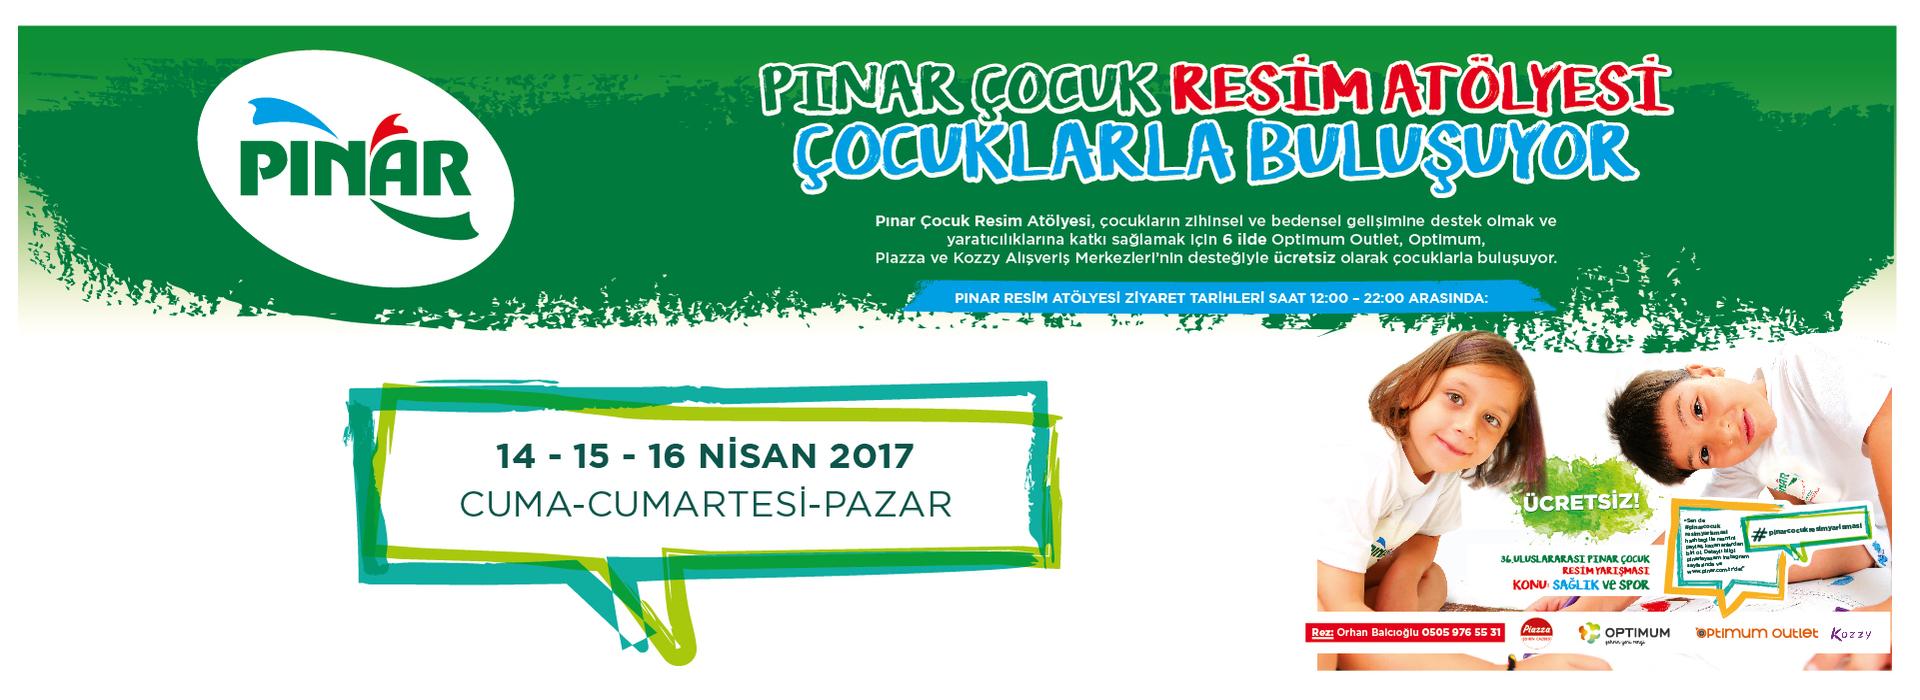 Pınar Çocuk Resim Atölyesi Çocuklarla Buluşuyor